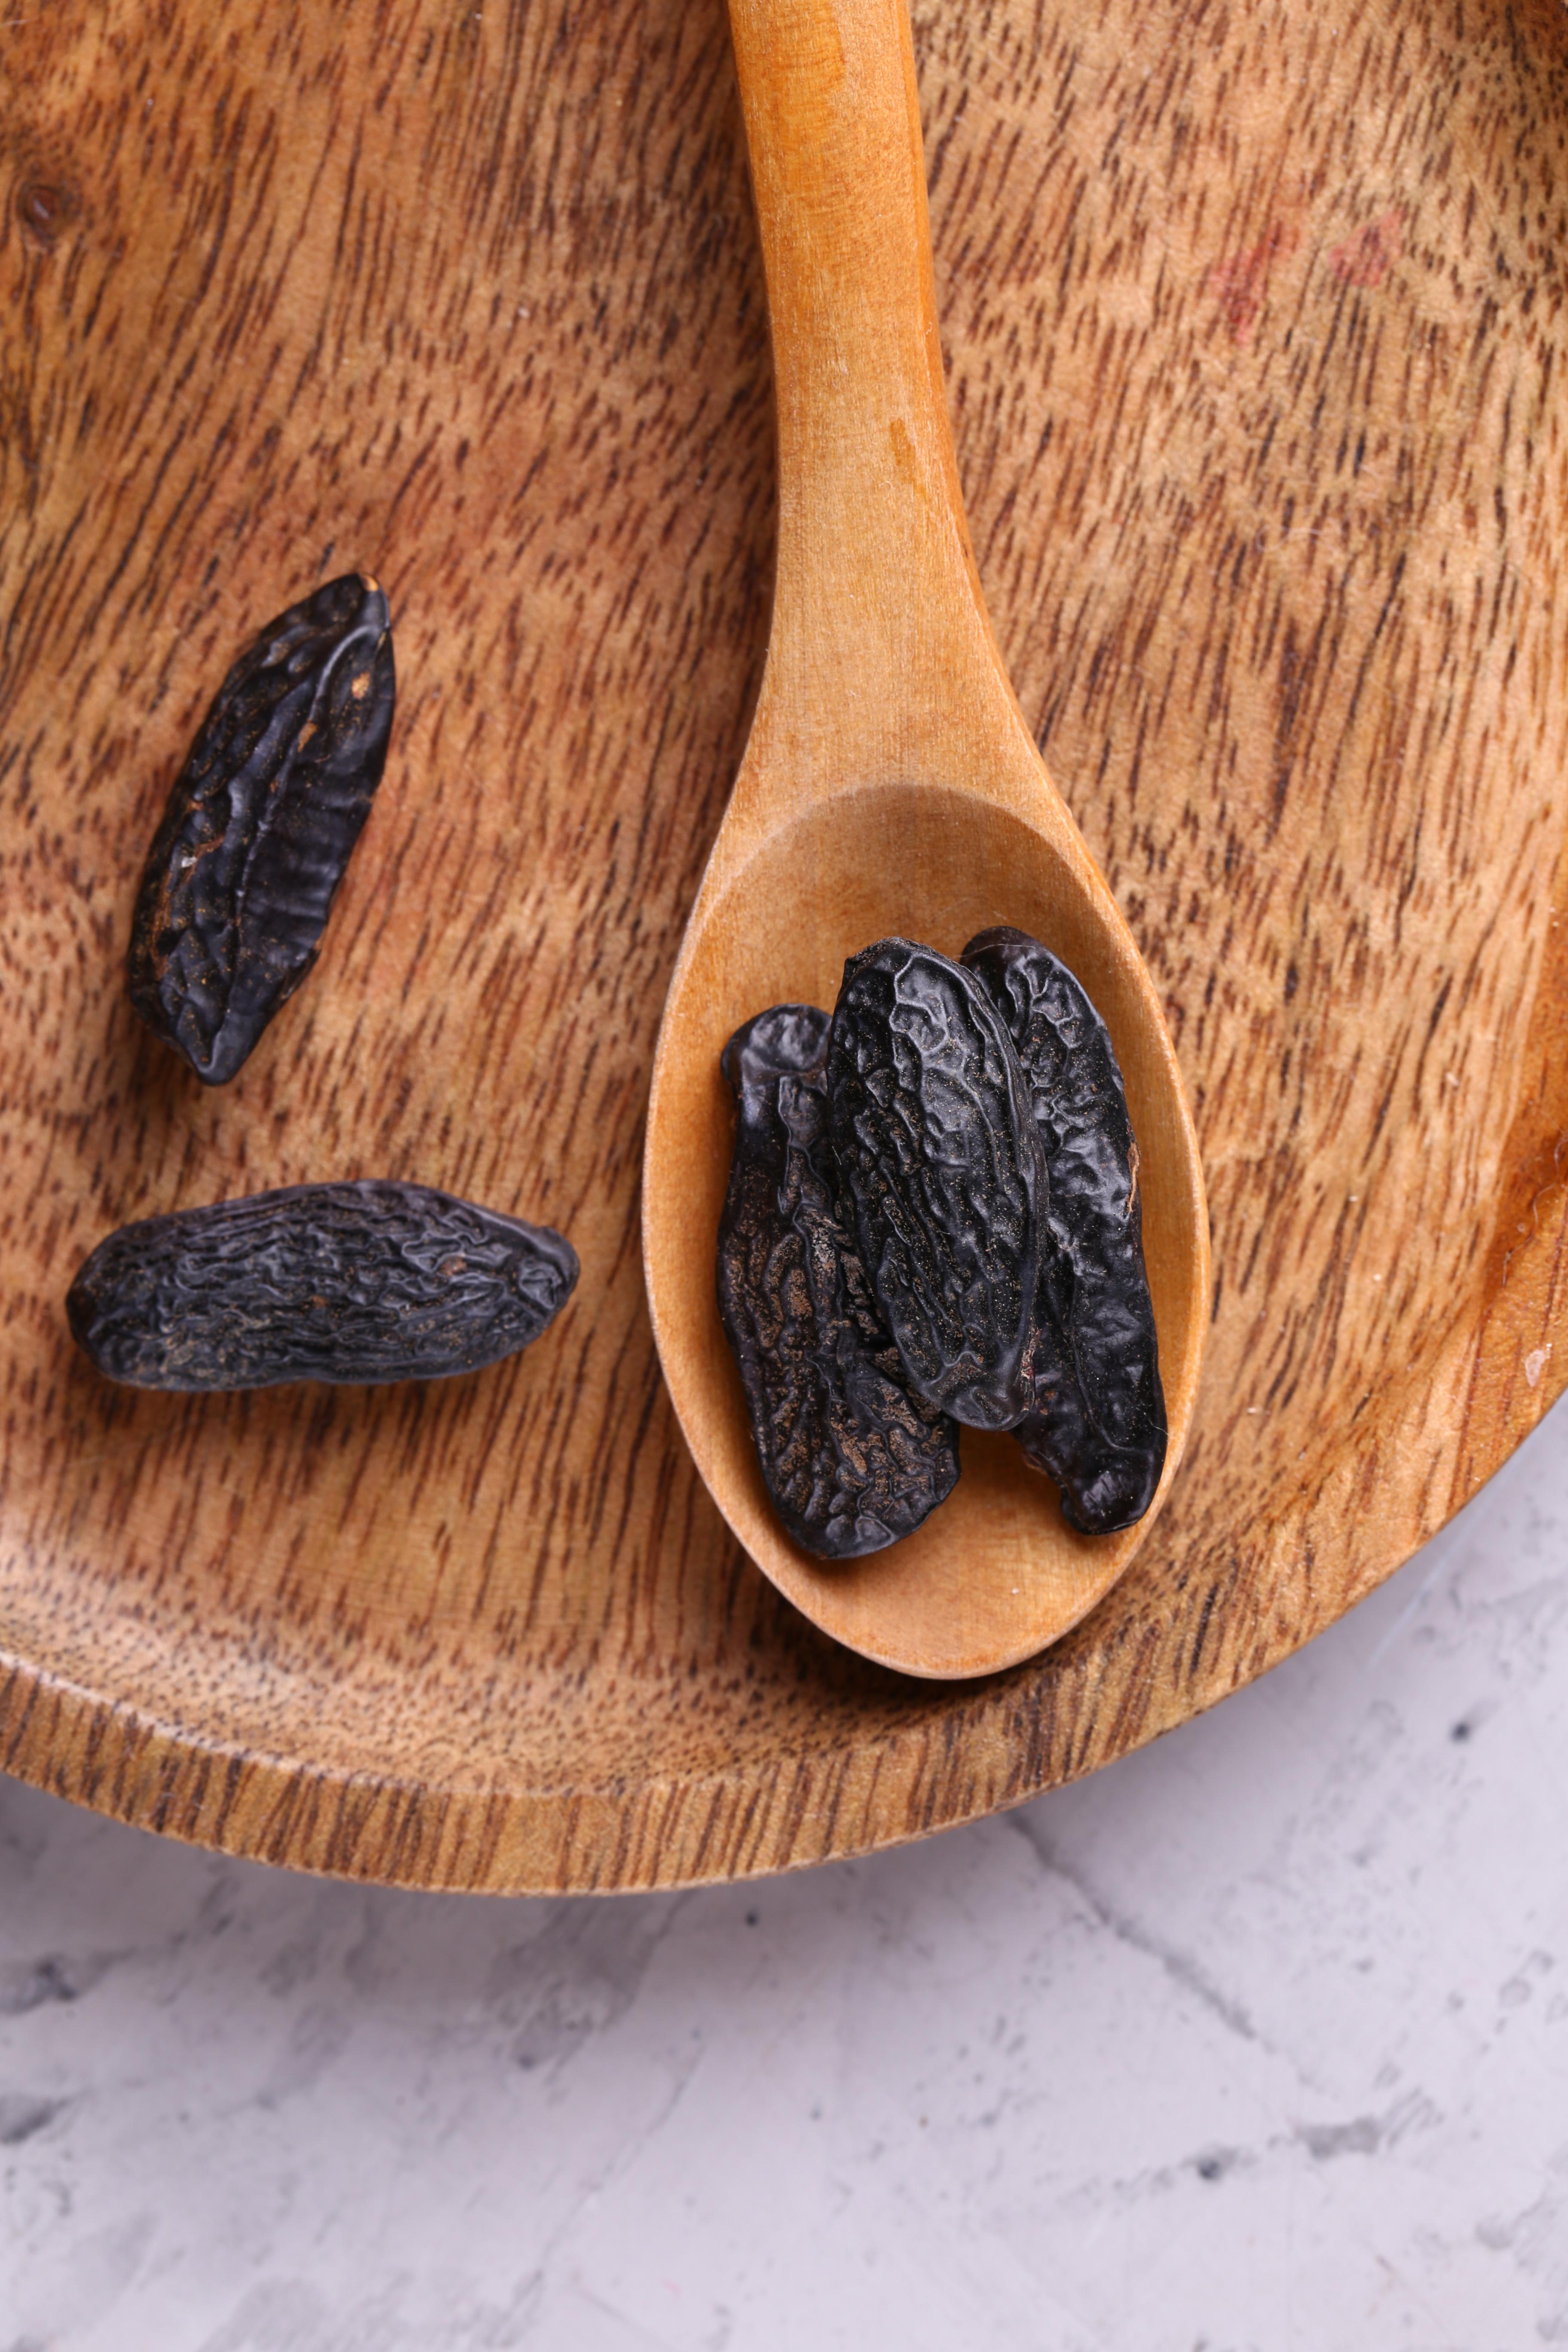 حبة التونكا الواحدة تكفي 80 طبقًا (1).jpg